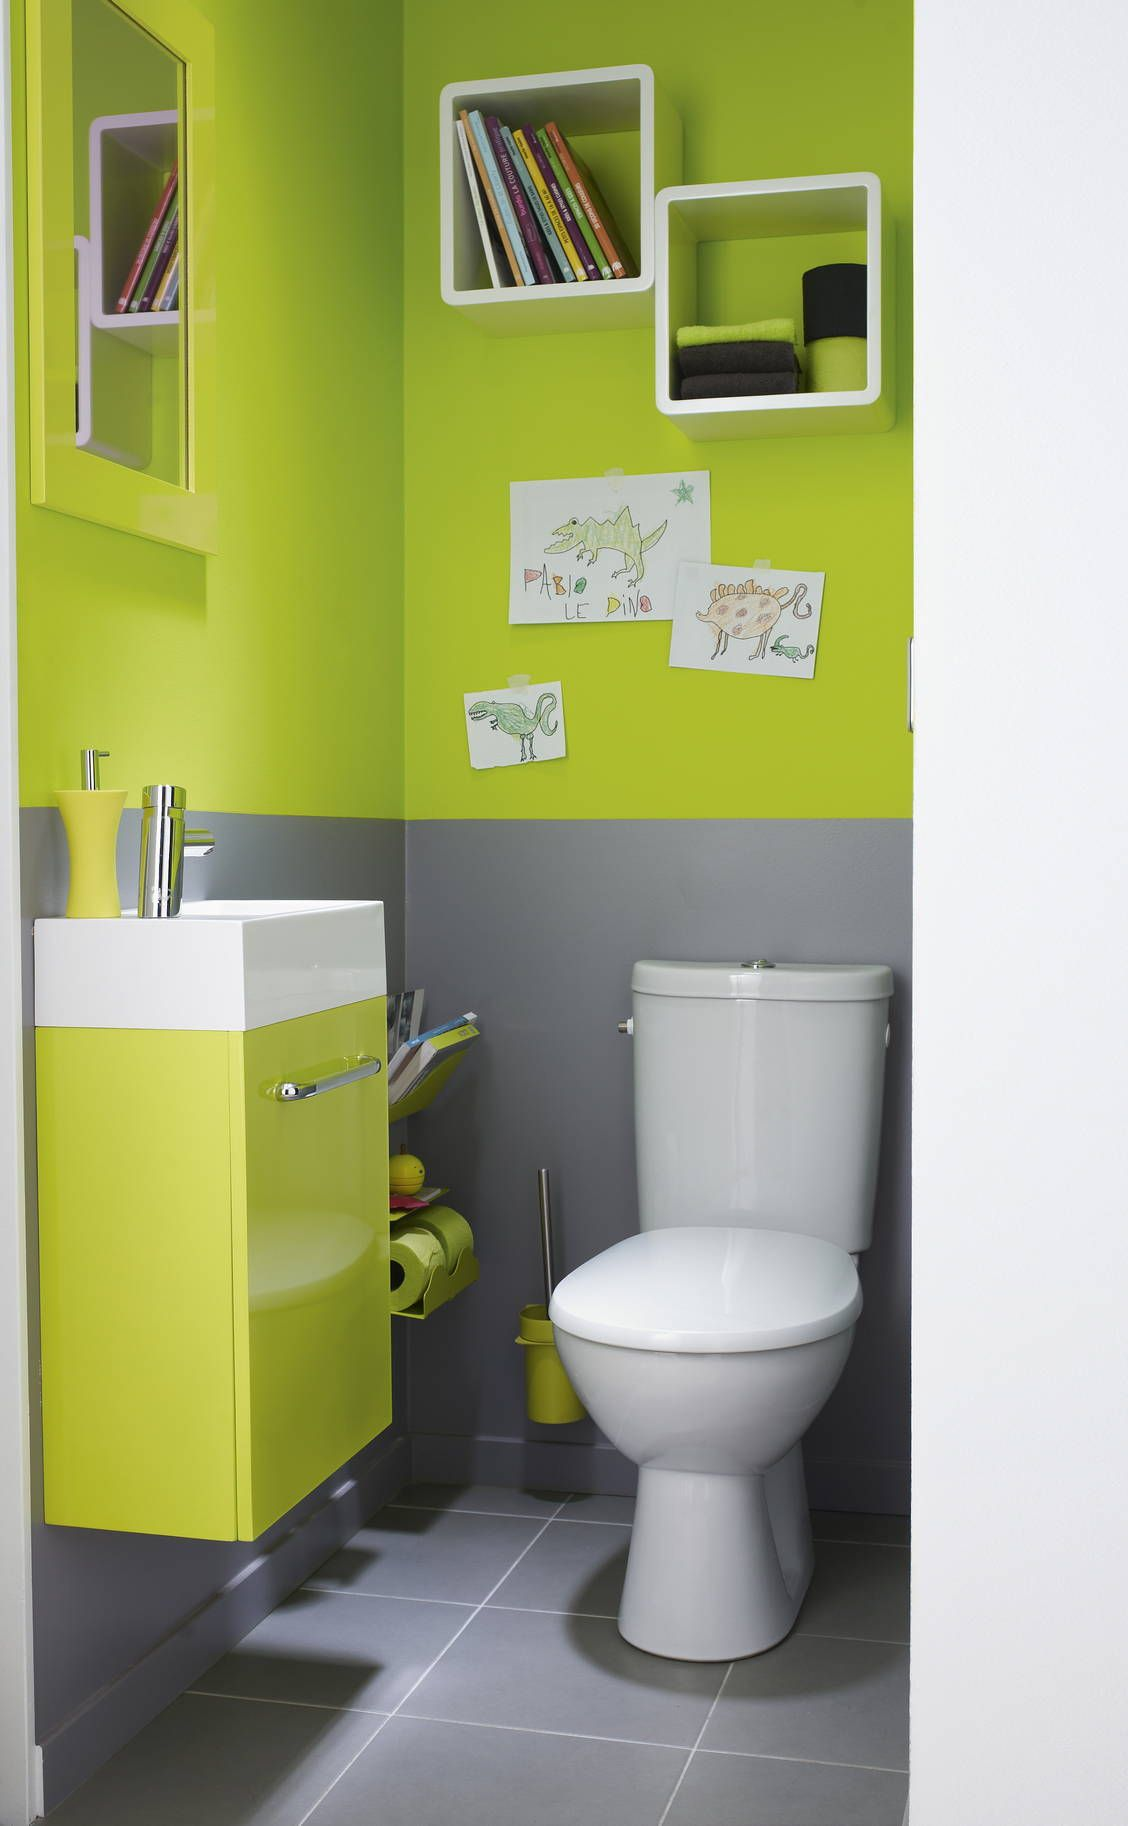 Déco WC : quelle peinture choisir pour les toilettes ? | D ...